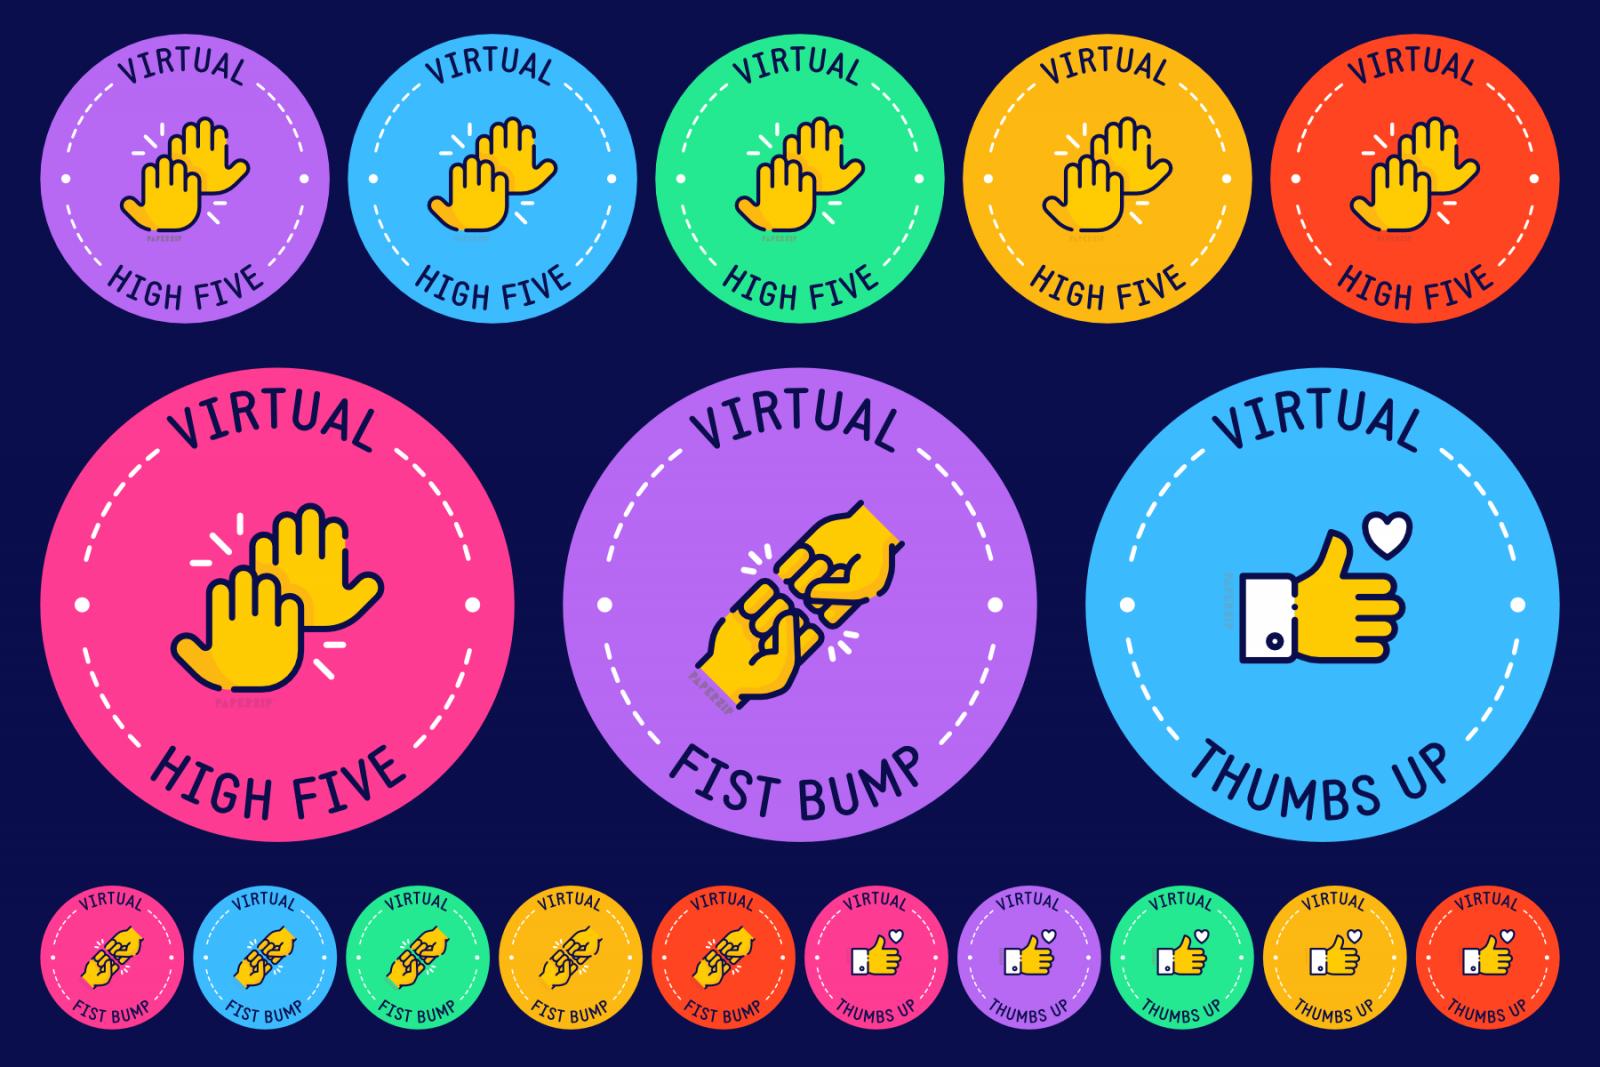 virtual high 5 thumbs up fist bump